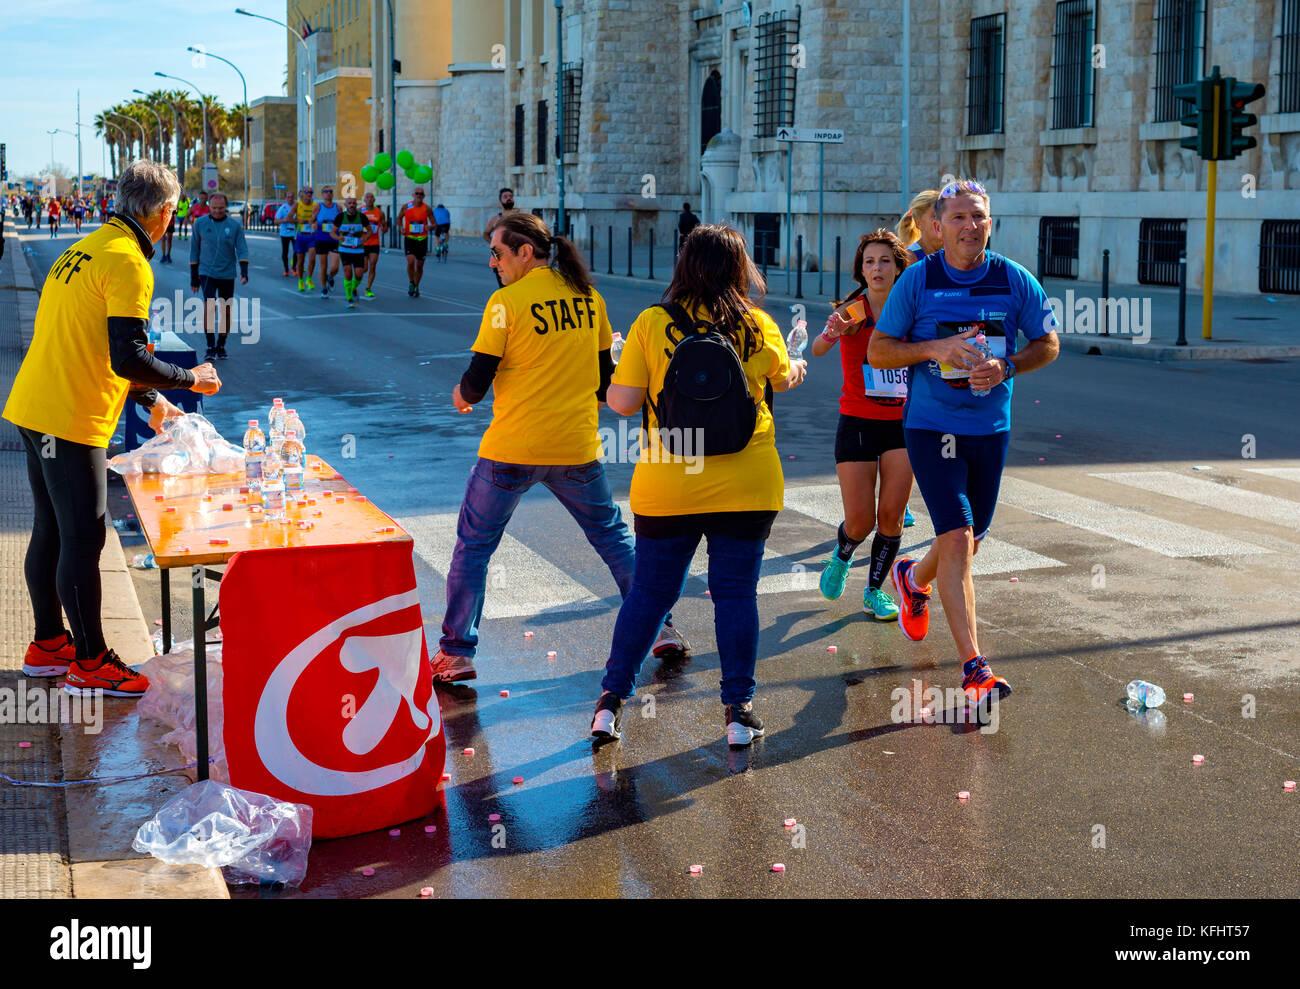 Bari Italie 29 Octobre 2017 Marathon Race Les Coureurs Sur Route Donner De L Eau Benevolat Sur Point De Rafraichissement Credit Vitantonio Caporusso Alamy Live News Photo Stock Alamy